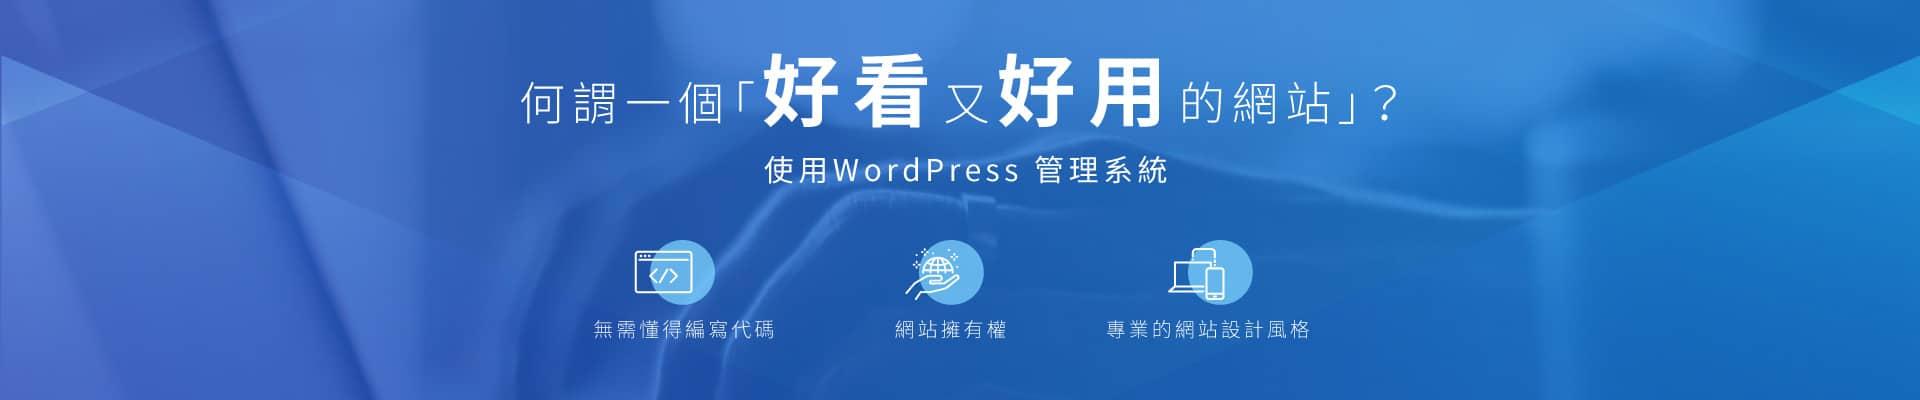 香港網頁設計服務